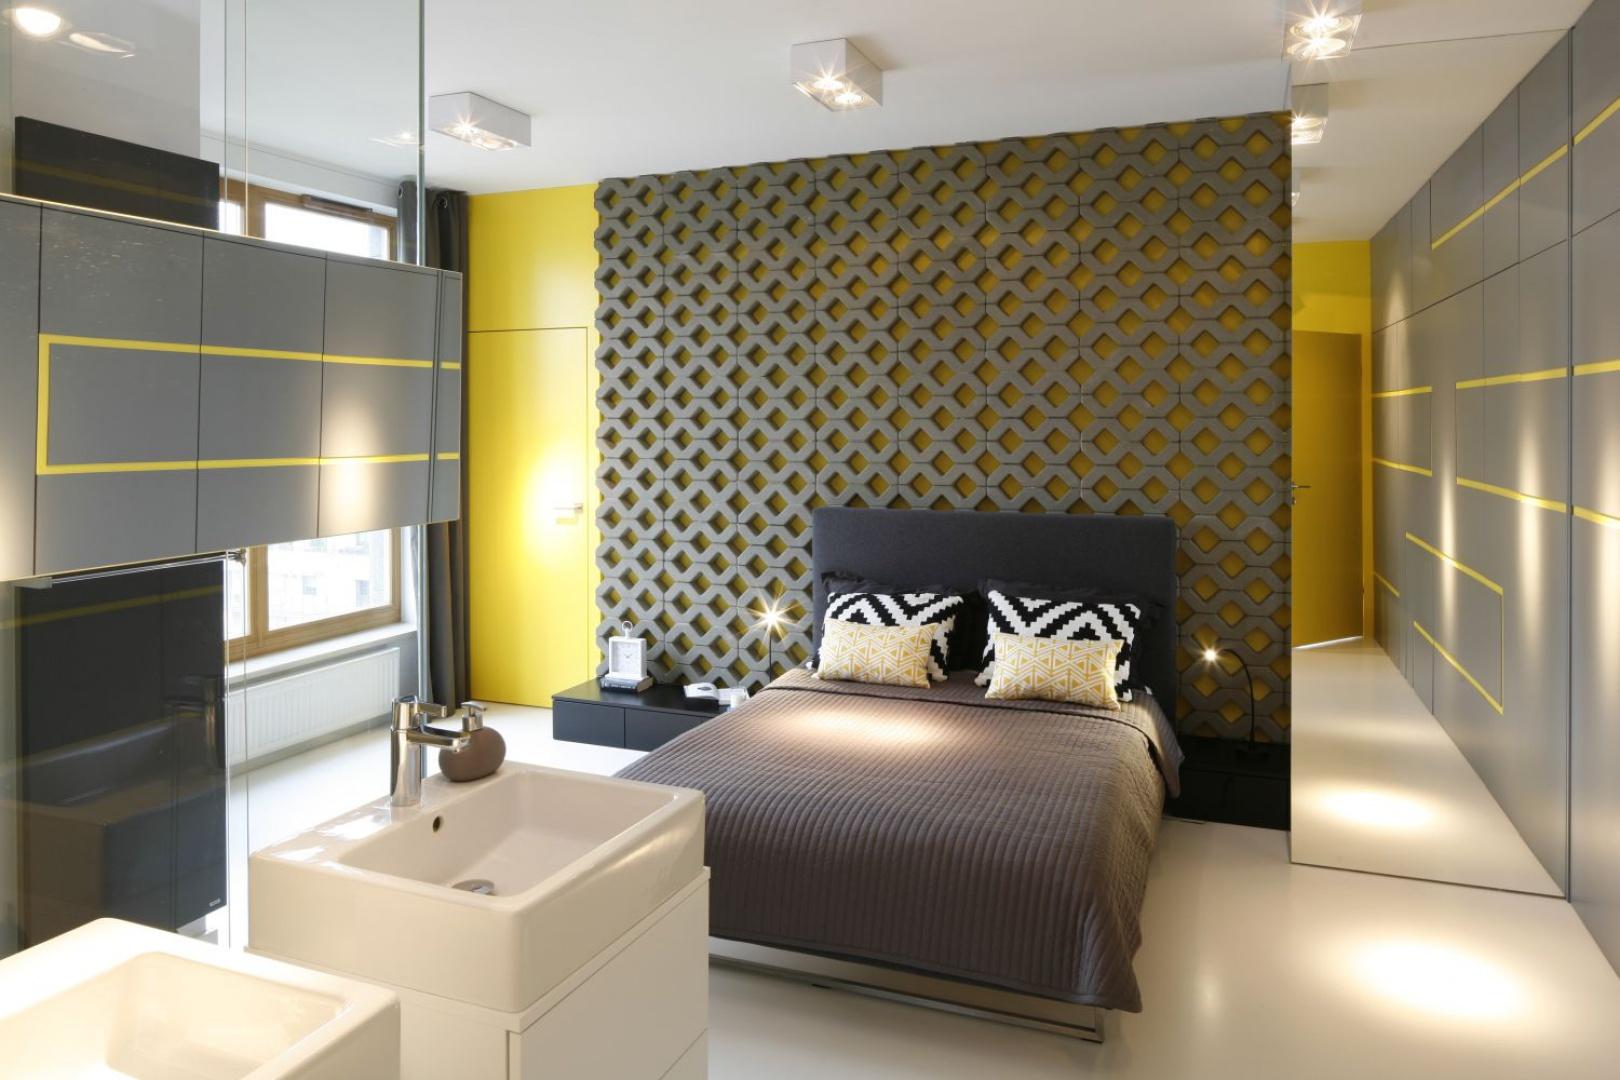 Szara niby-ściana ukrywa w sobie pojemną szafę, od której wzrok odwracają żółte zarysy figur geometrycznych oświetlanych przez niestandardowe lampy sufitowe.